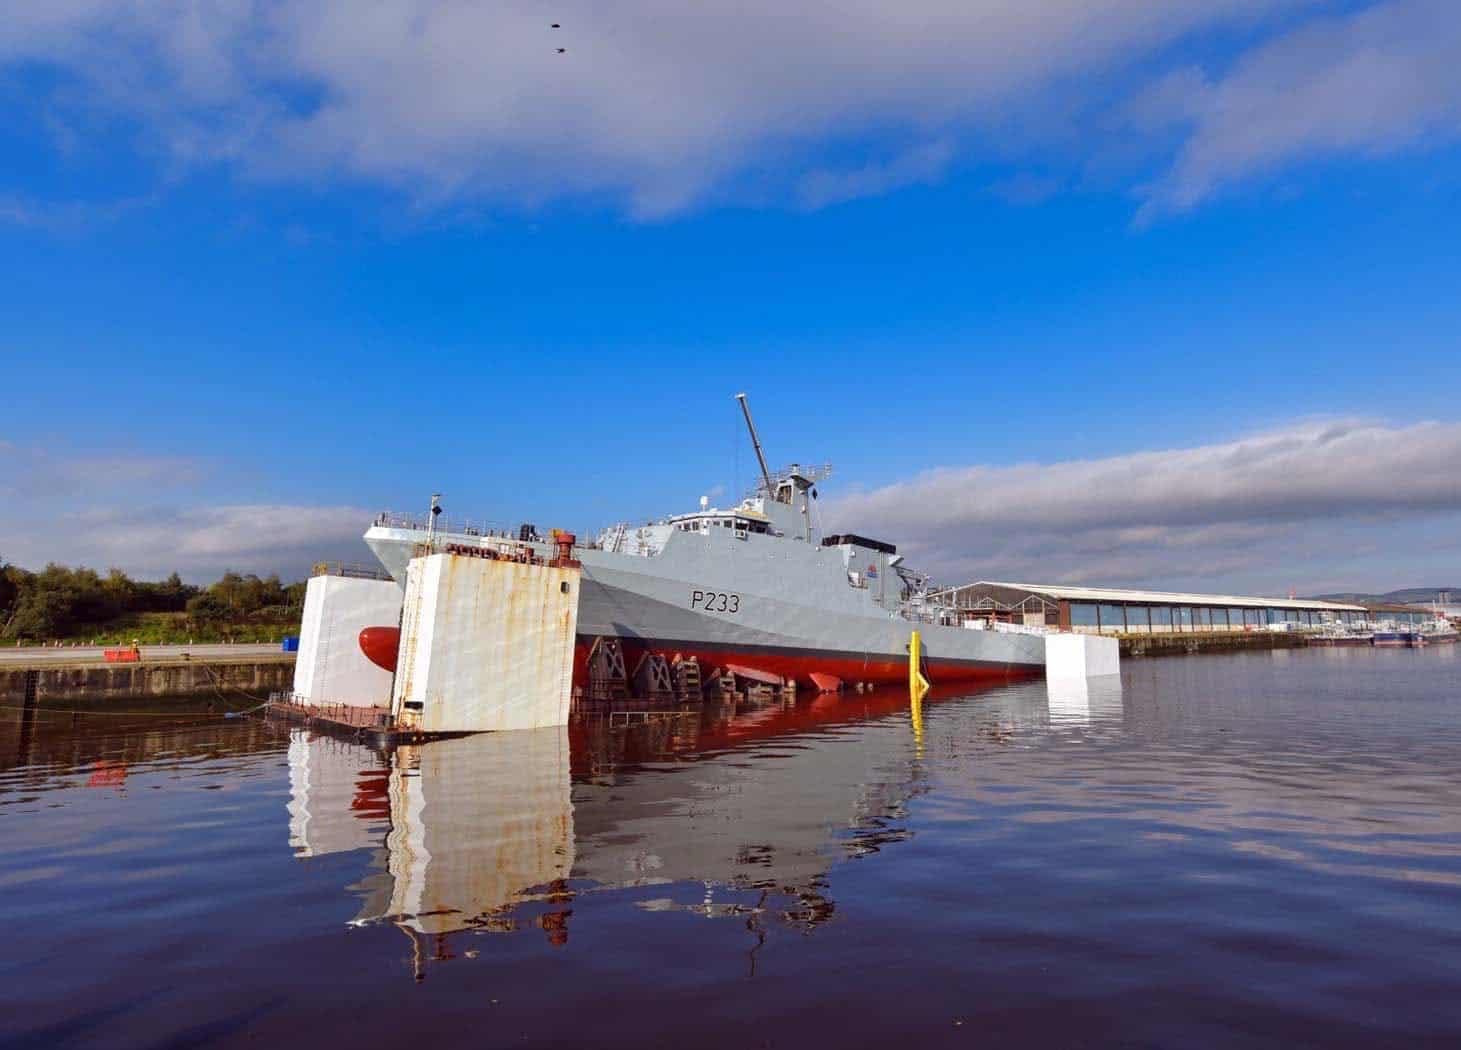 Спуск на воду з сухого доку патрульного корабля HMS «Tamar» (P233) типу River Batch 2